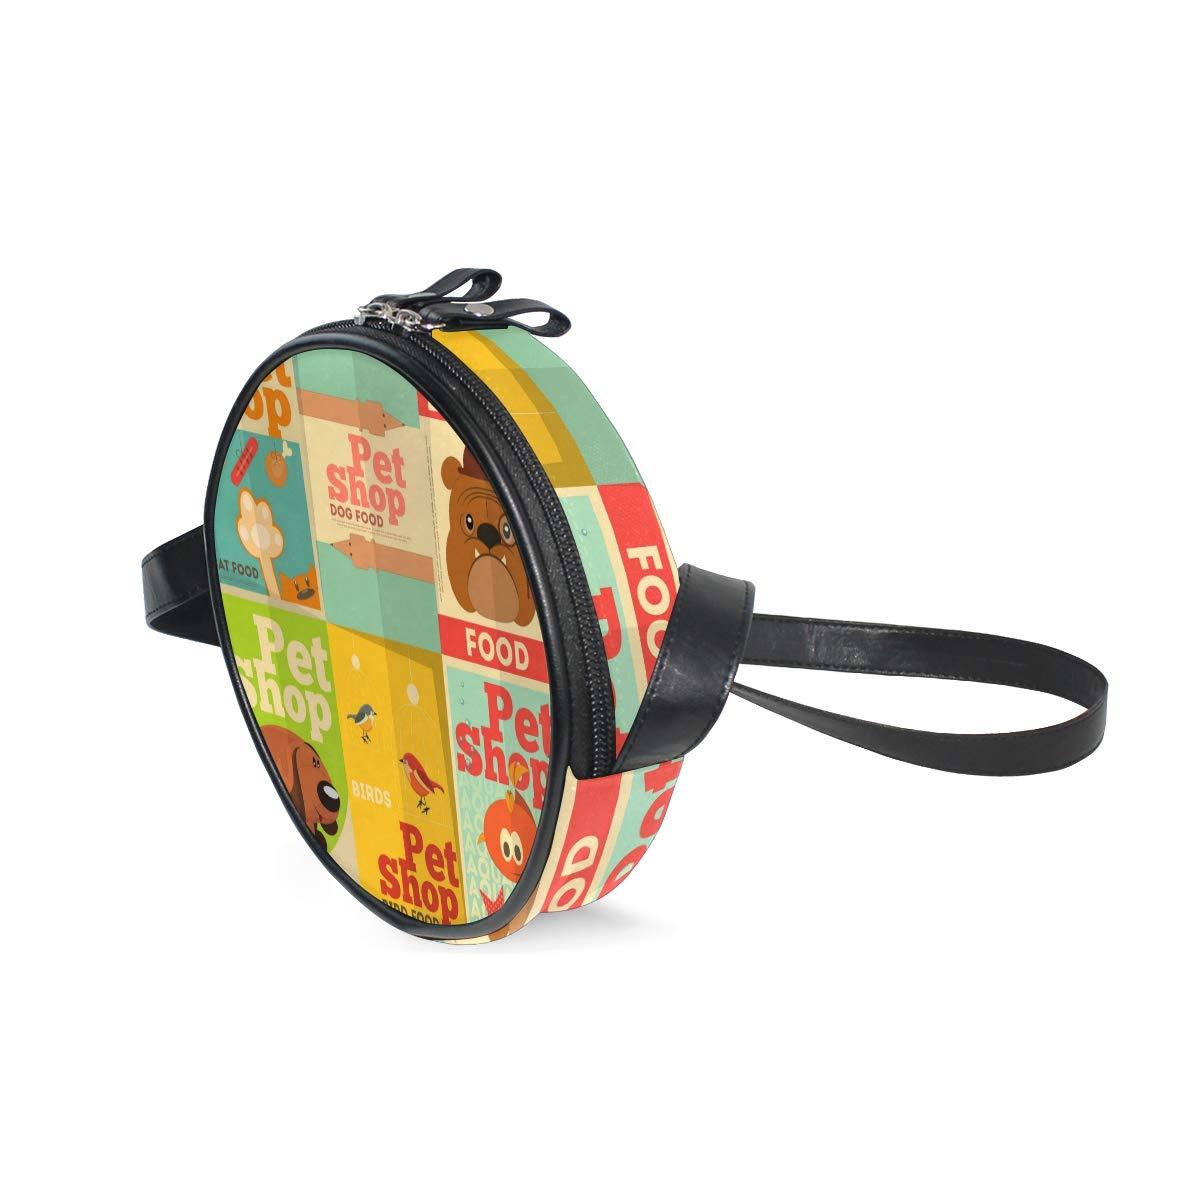 KEAKIA Pet Shop Dog Design Round Crossbody Bag Shoulder Sling Bag Handbag Purse Satchel Shoulder Bag for Kids Women